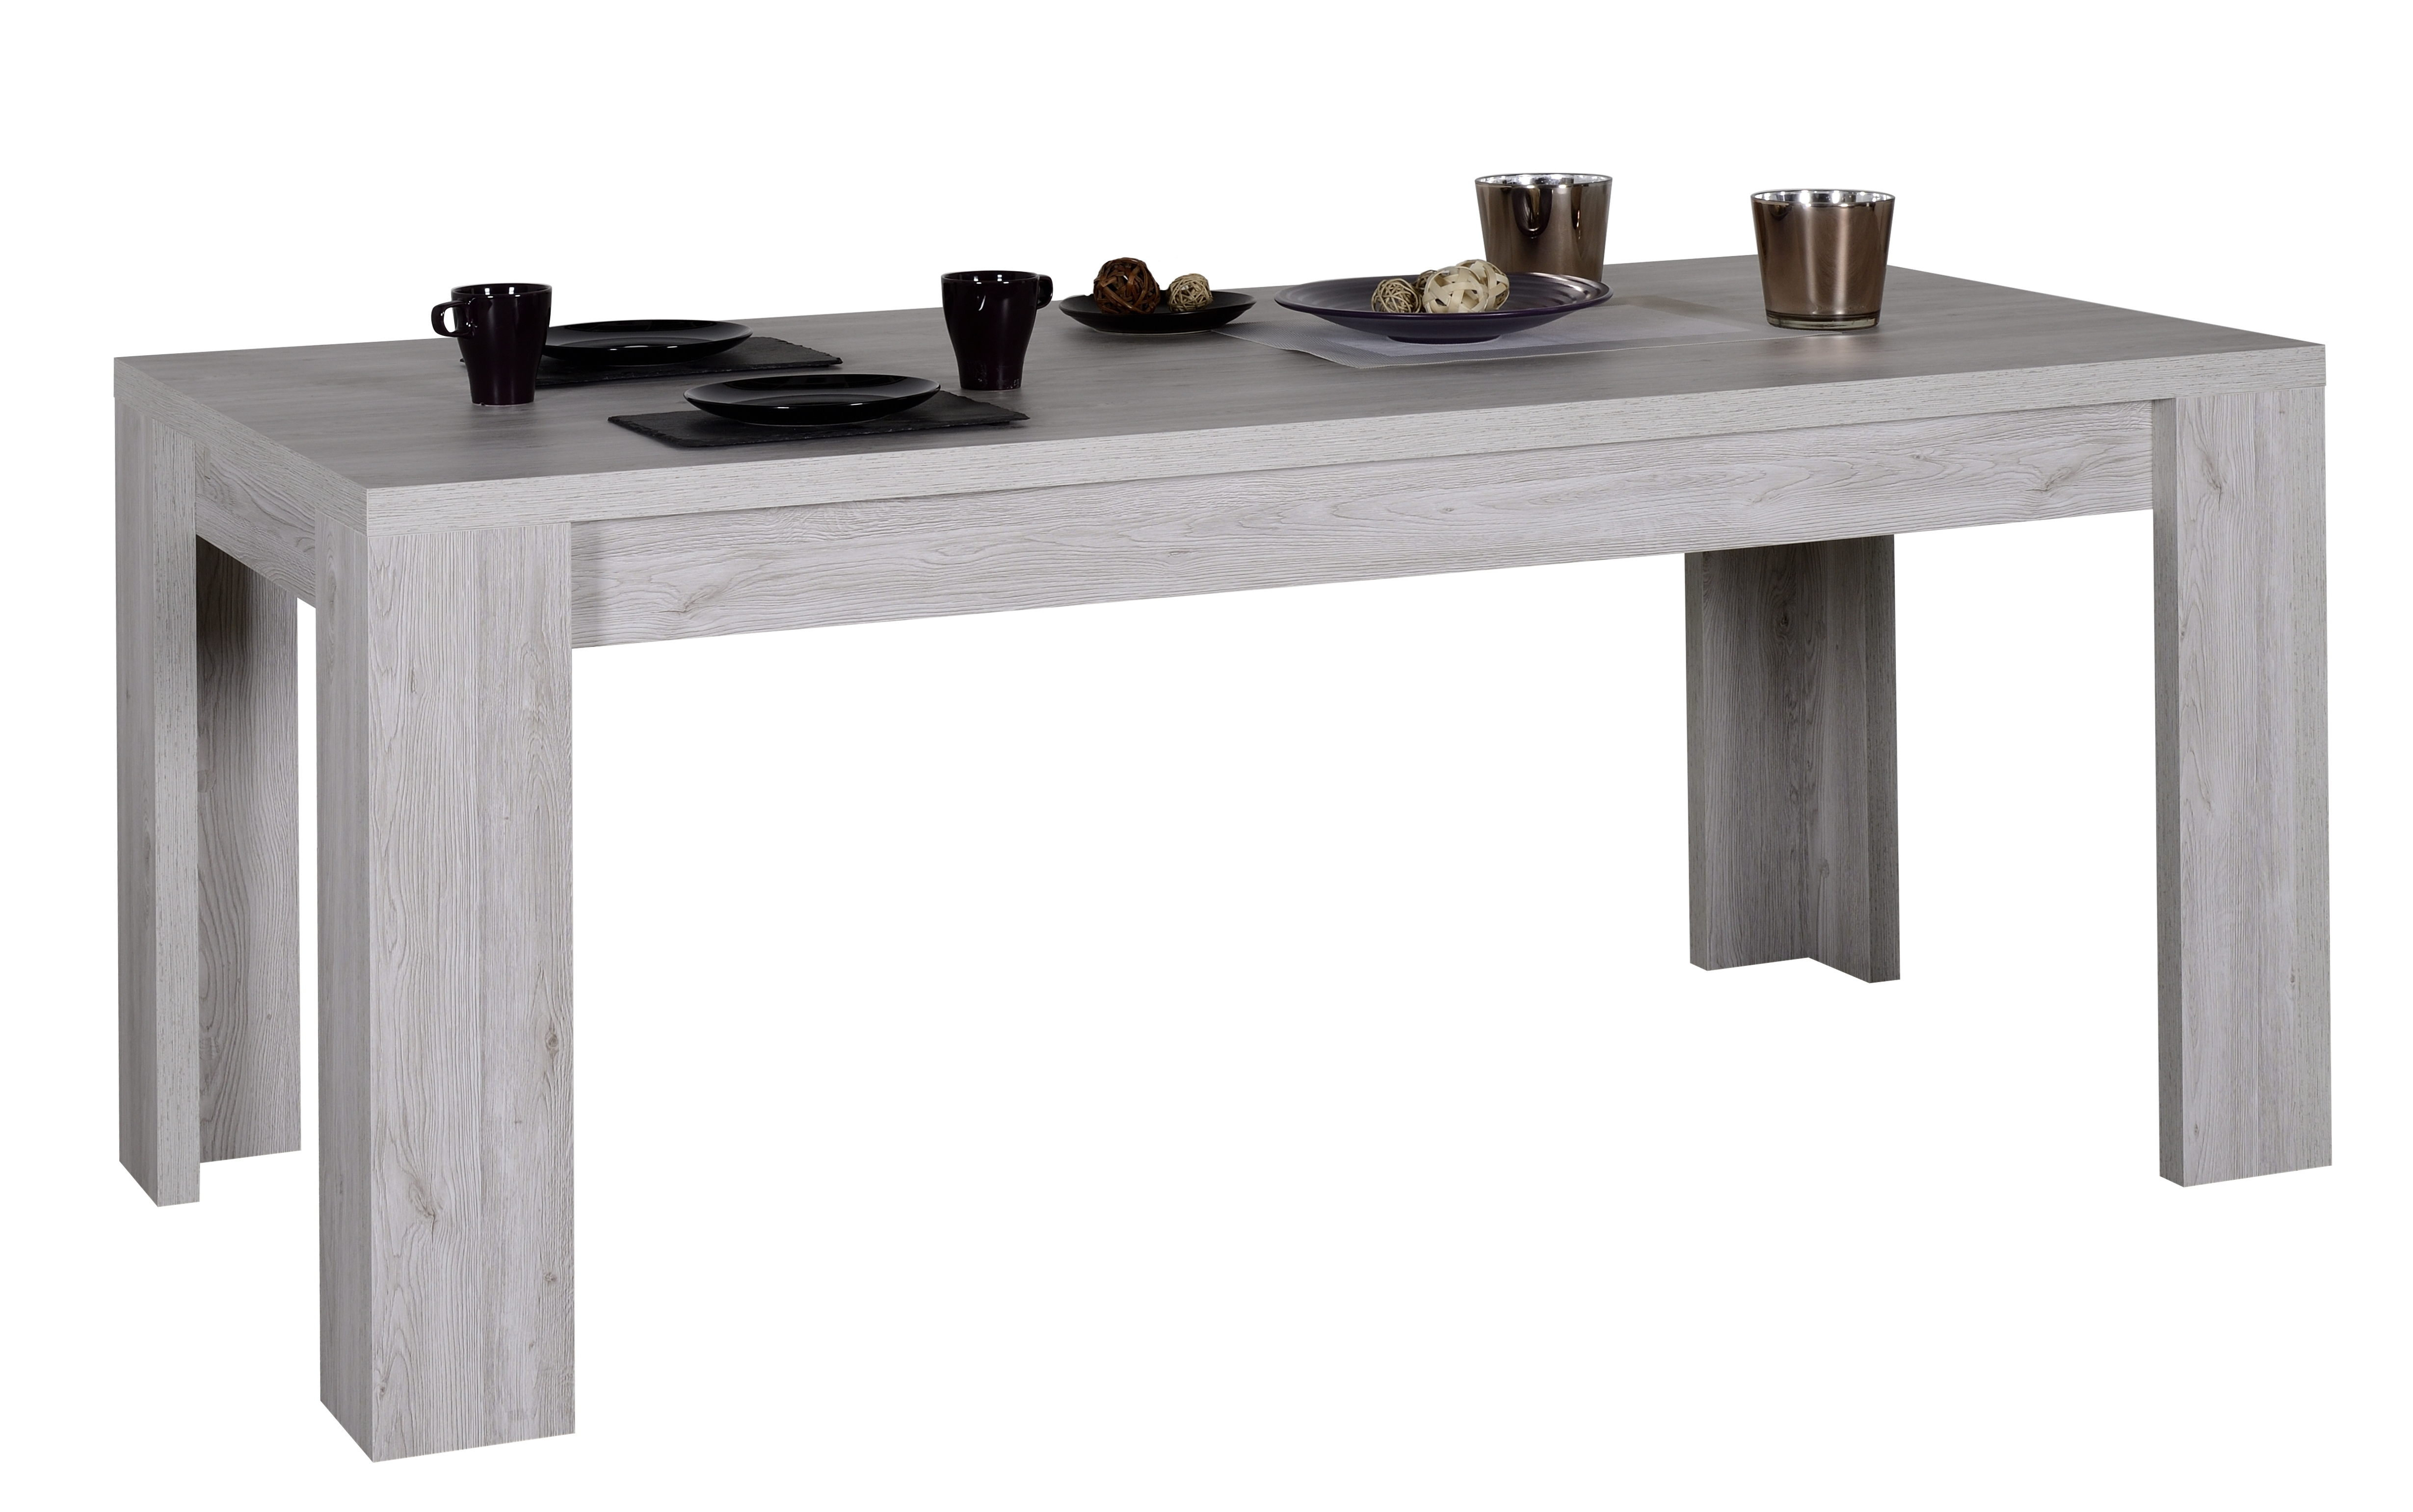 Table rectangulaire extensible bois de ch ne gris maeva - Table pliante salle a manger ...